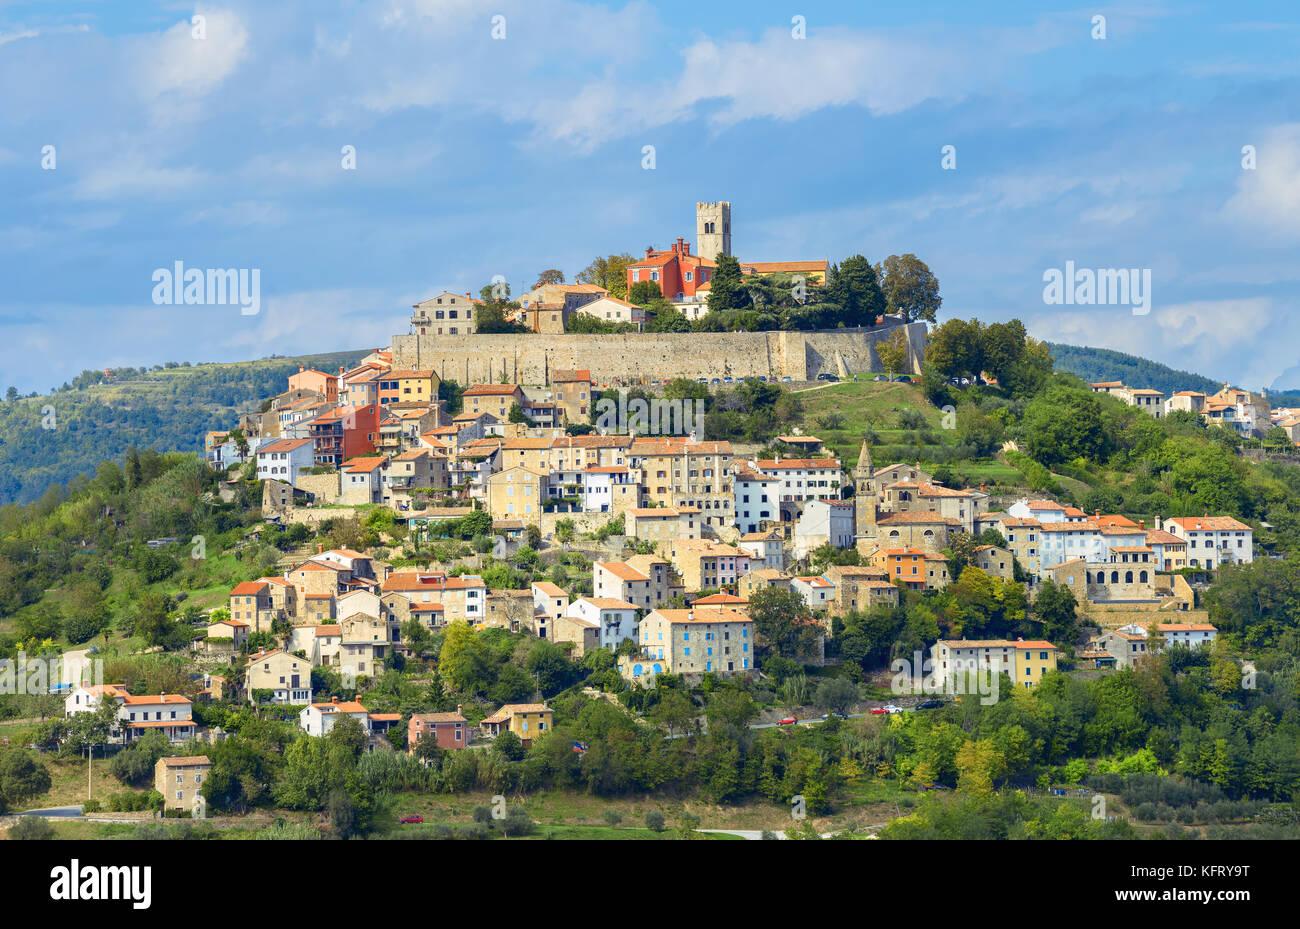 Blick auf den berühmten kleinen, alten Stadt Motovun auf malerischen Hügel. Istrien, Kroatien Stockbild